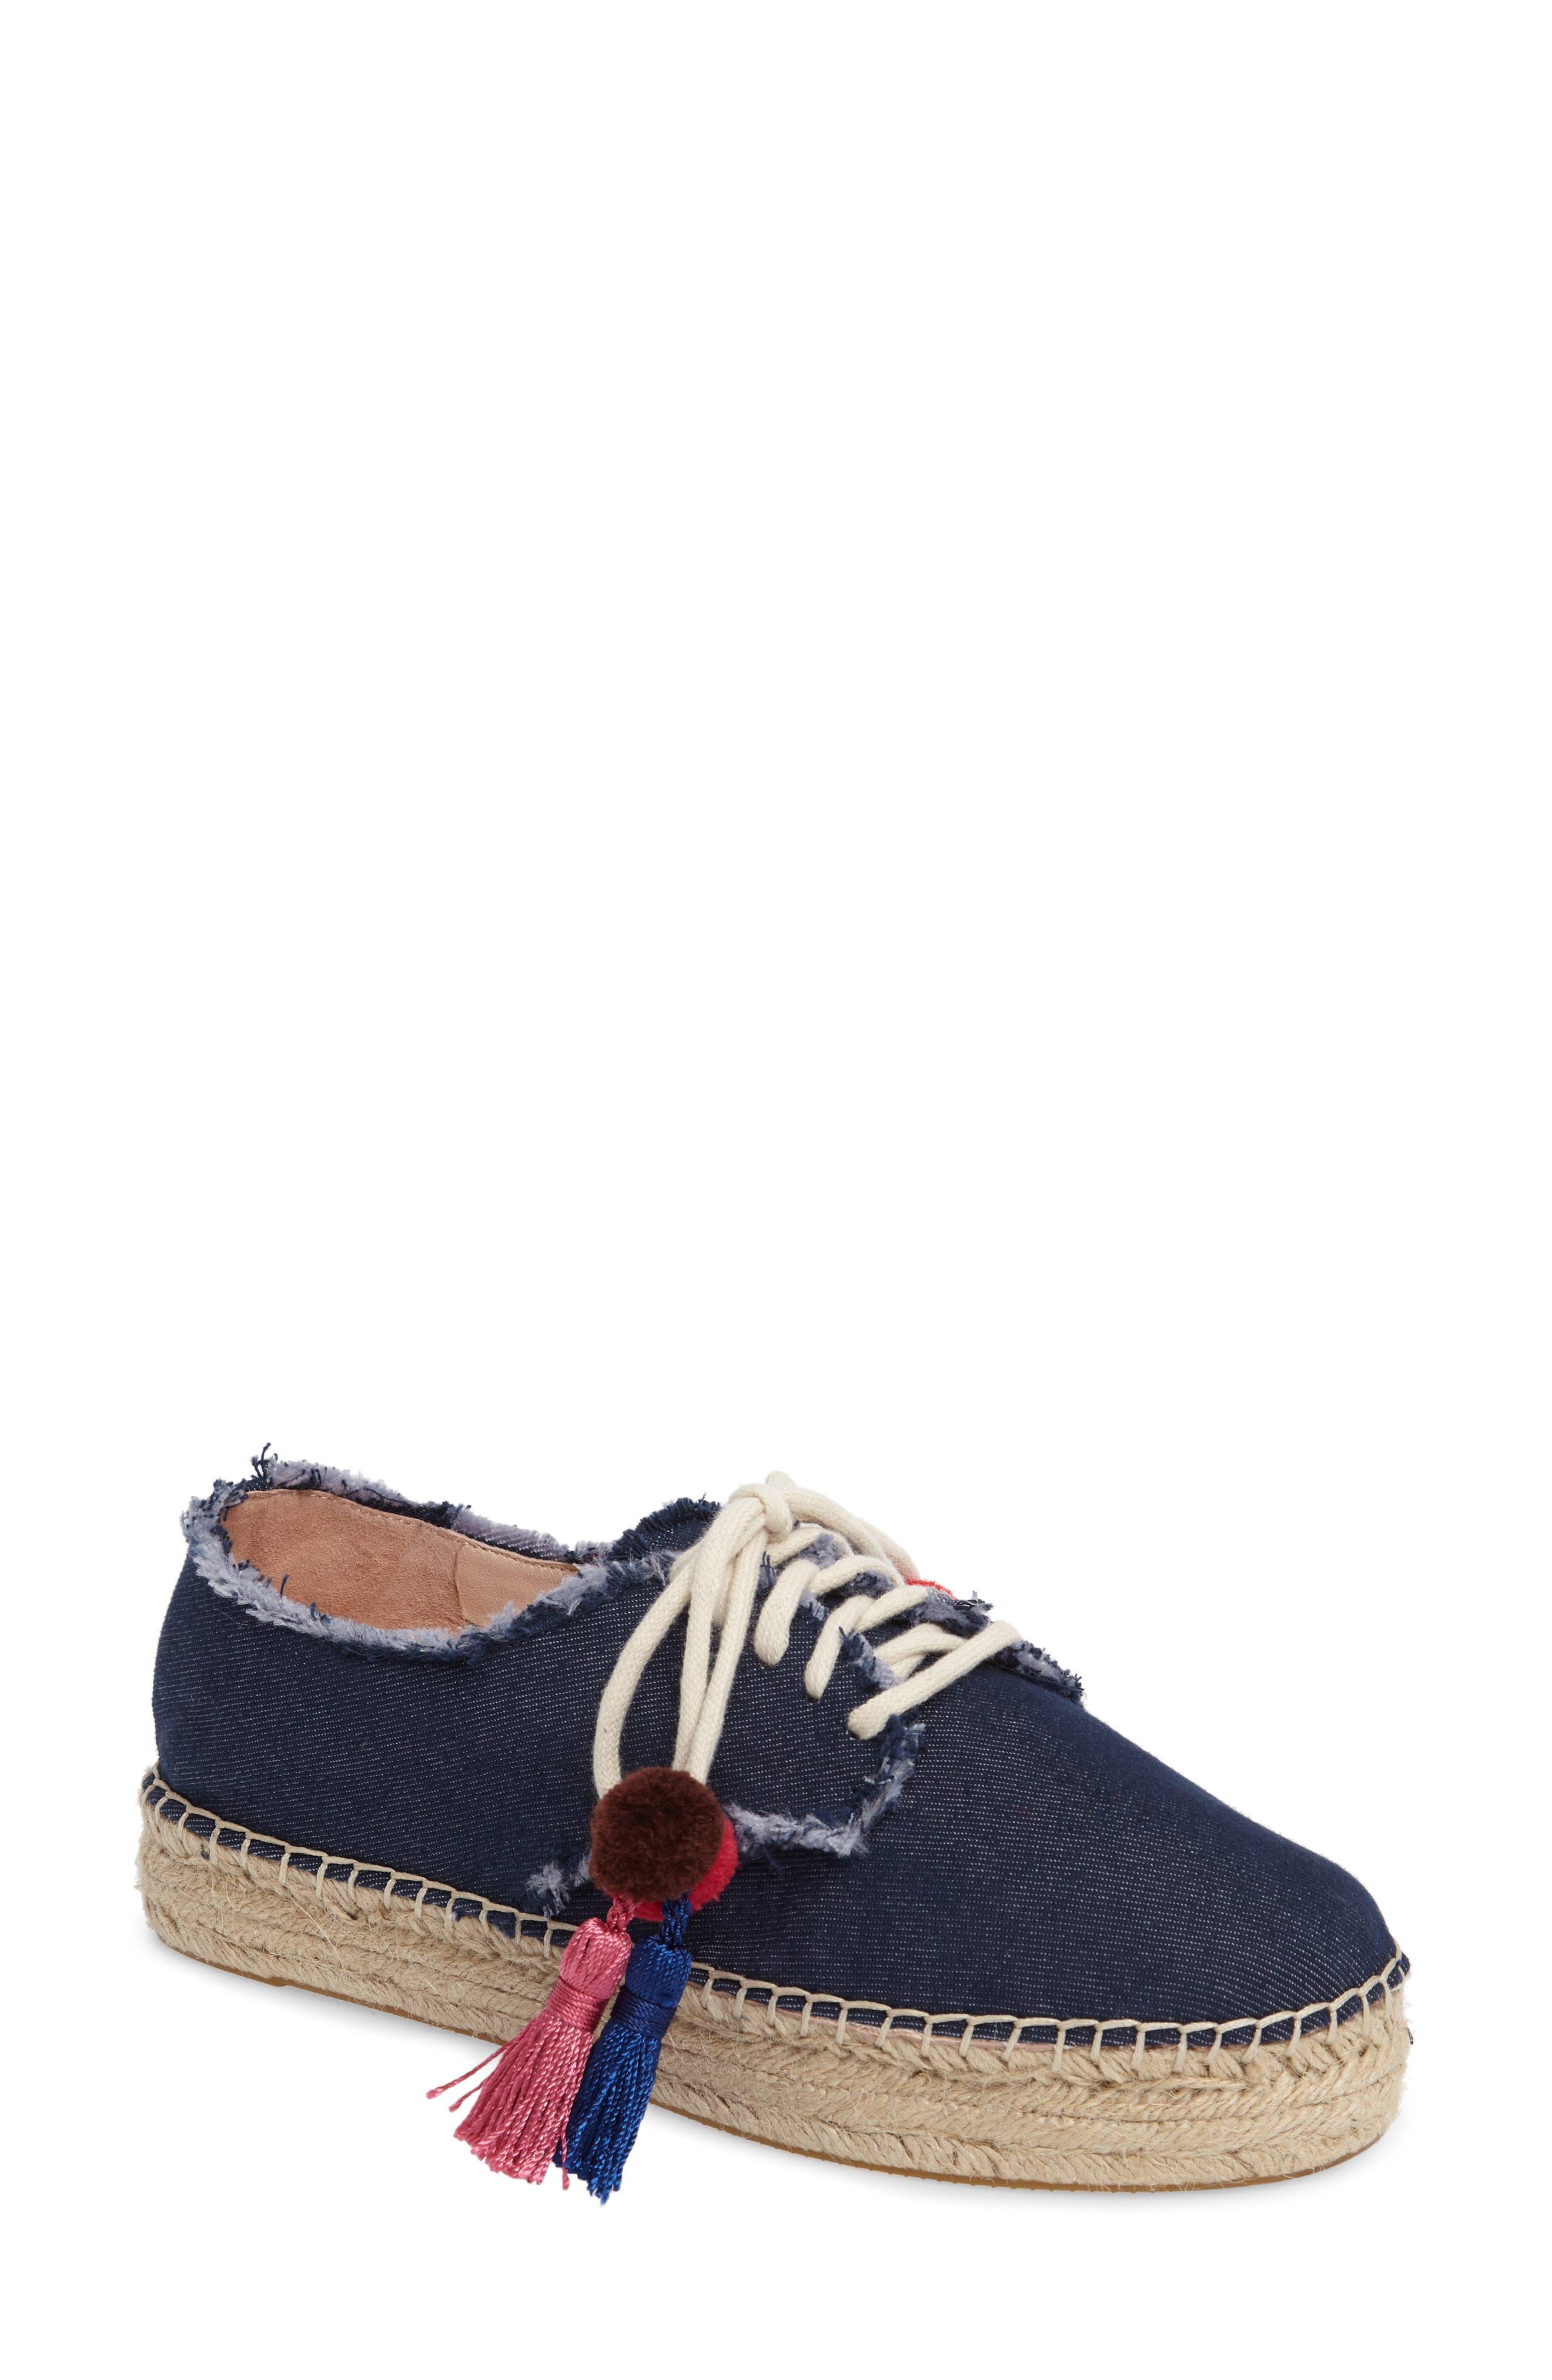 lane espadrille platform sneaker,                             Main thumbnail 1, color,                             Blue Jeans